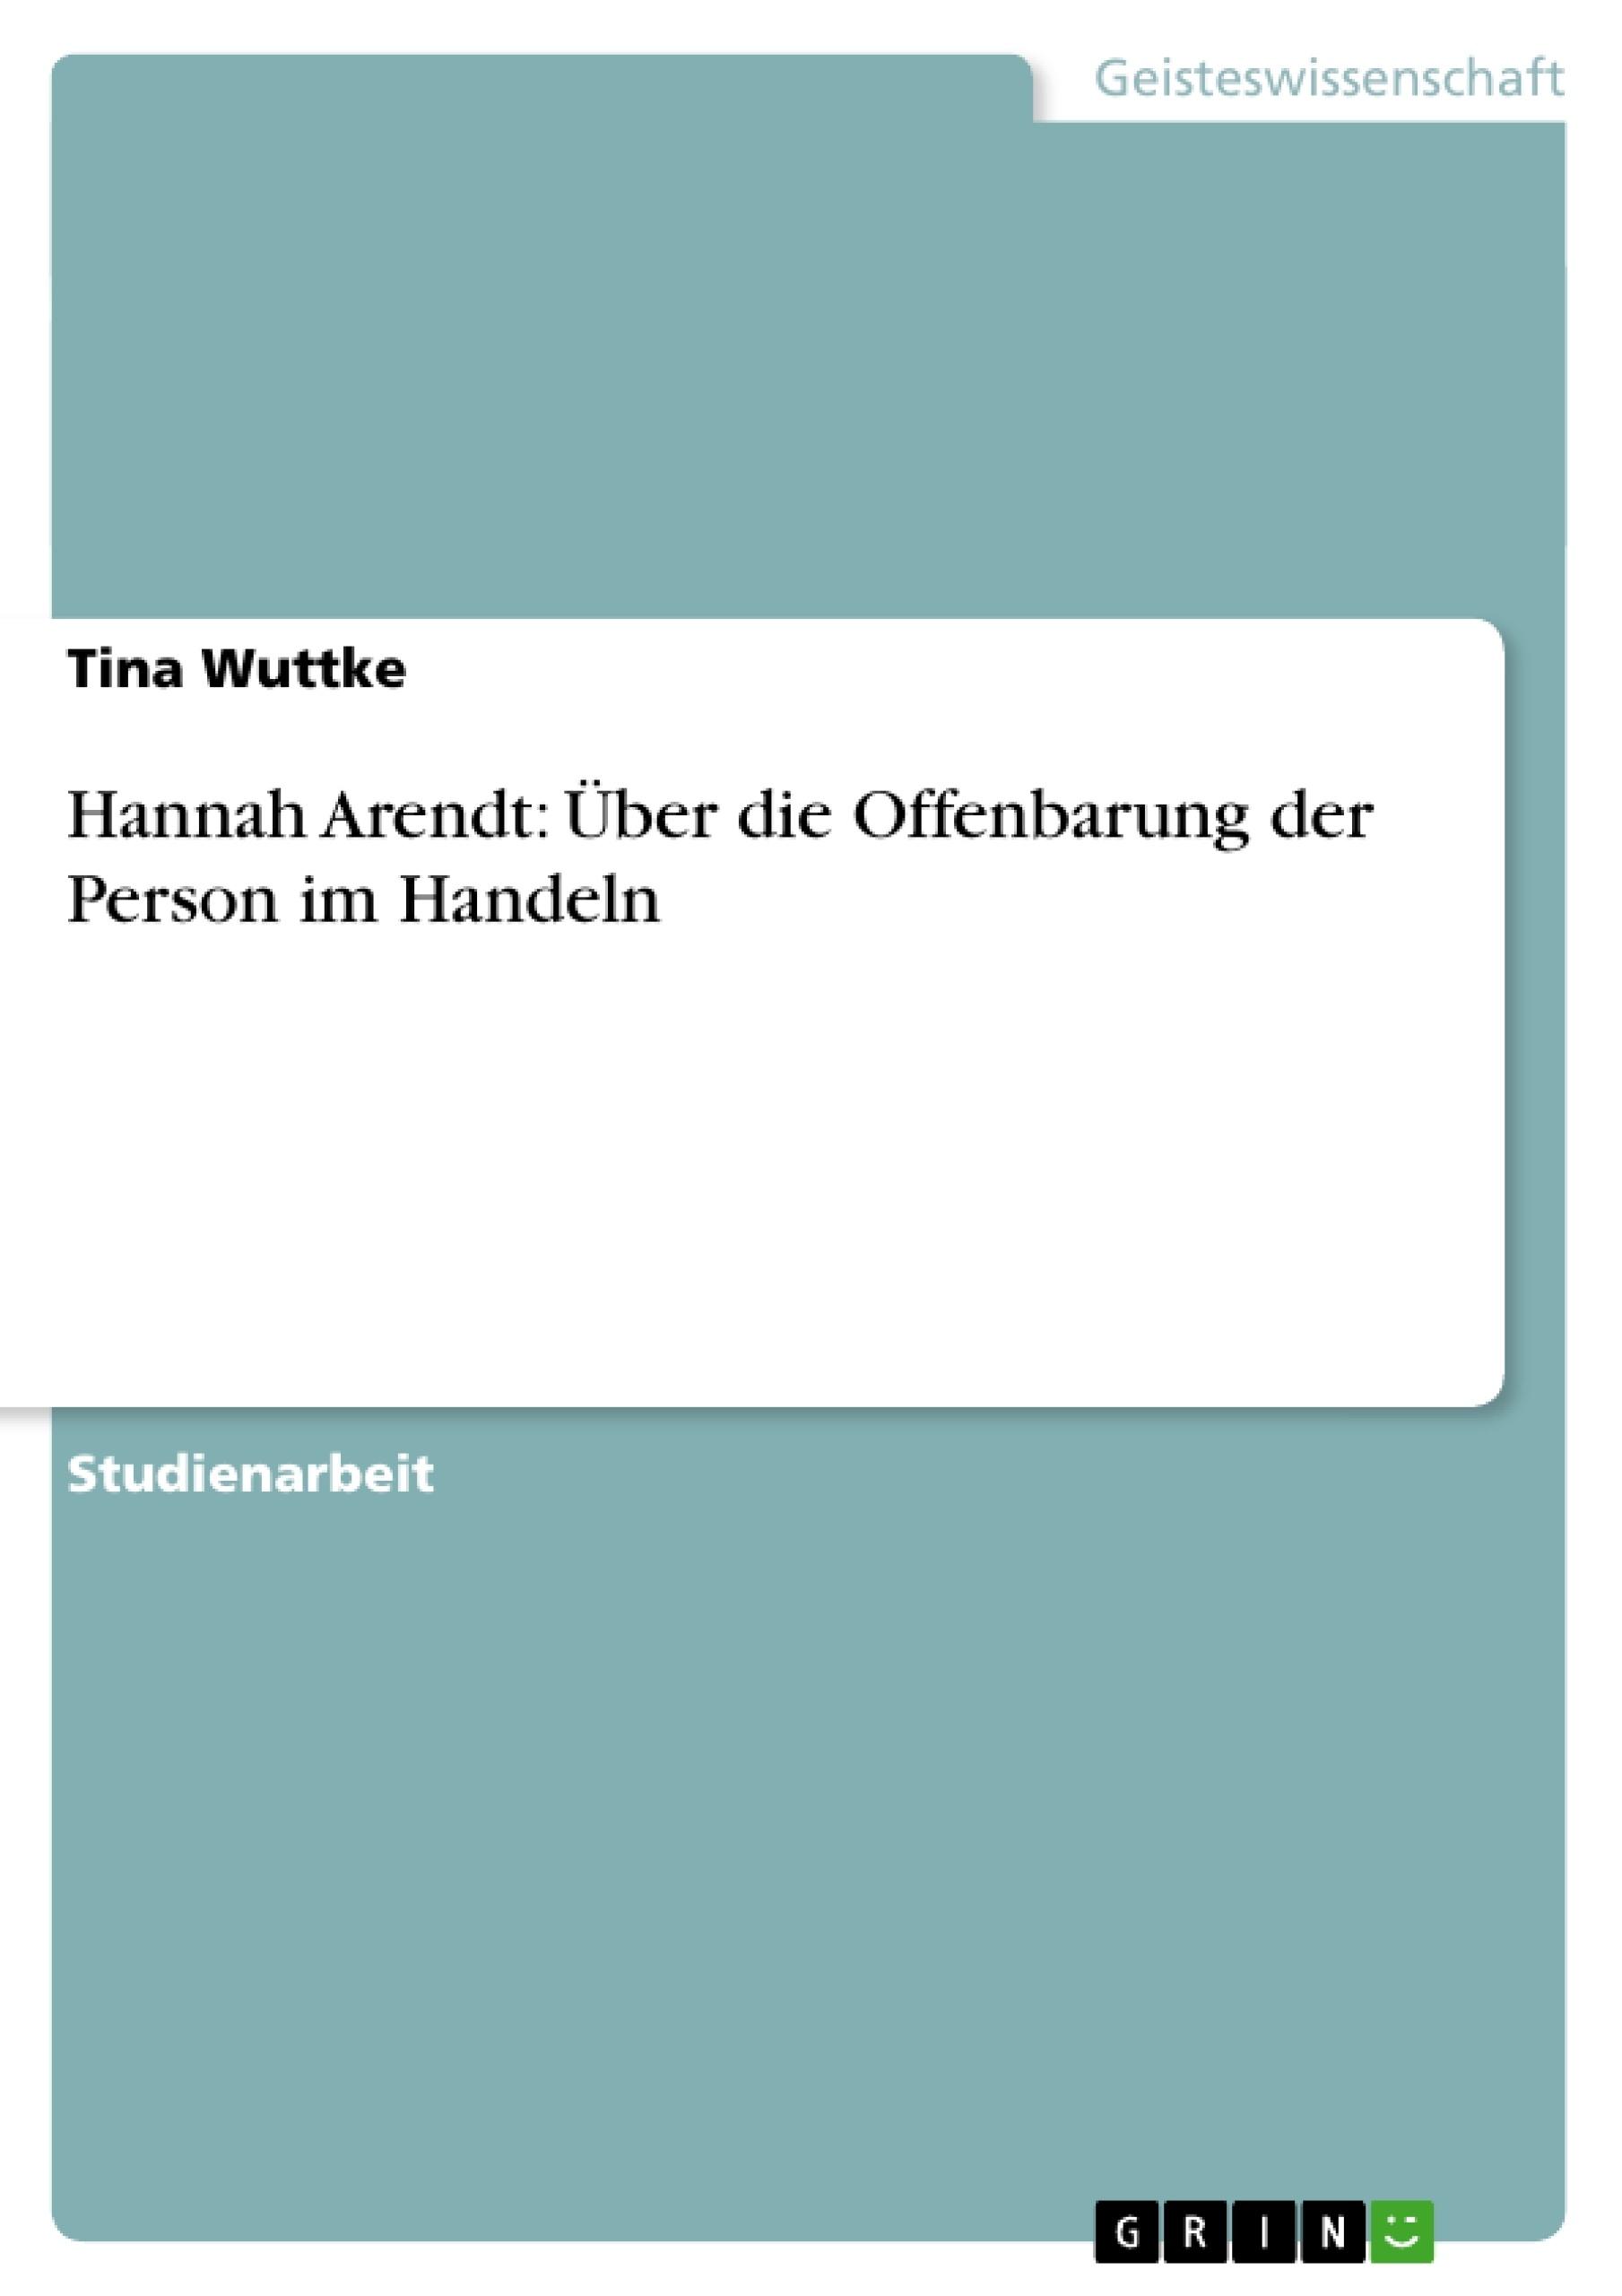 Titel: Hannah Arendt: Über die Offenbarung der Person im  Handeln